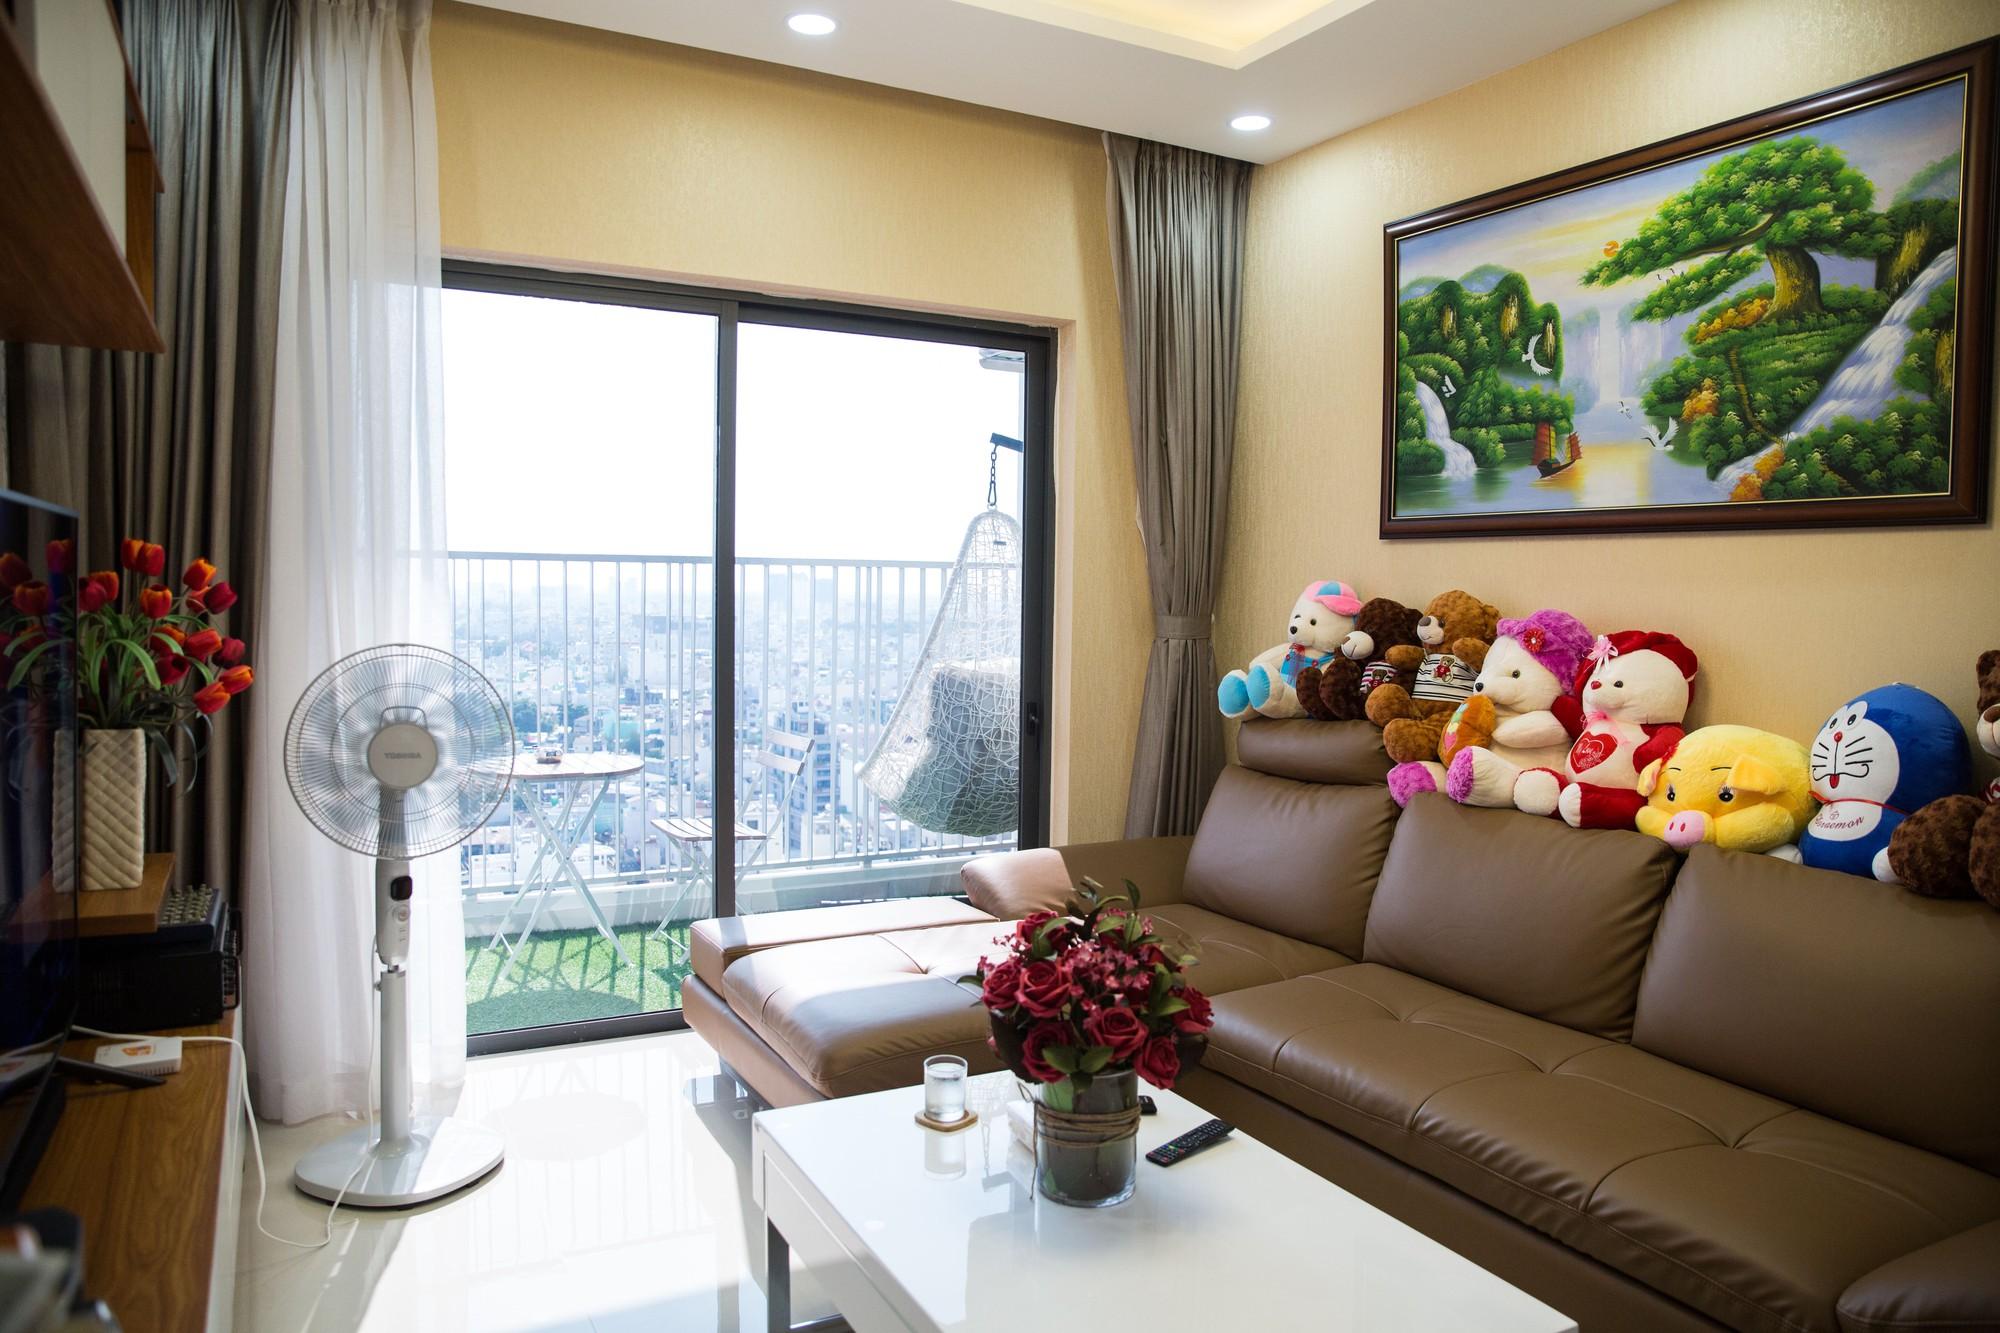 Diễn viên Minh Luân tự hào khoe căn hộ rộng 100 m2 sau 10 năm lập nghiệp ở TP HCM  - Ảnh 9.